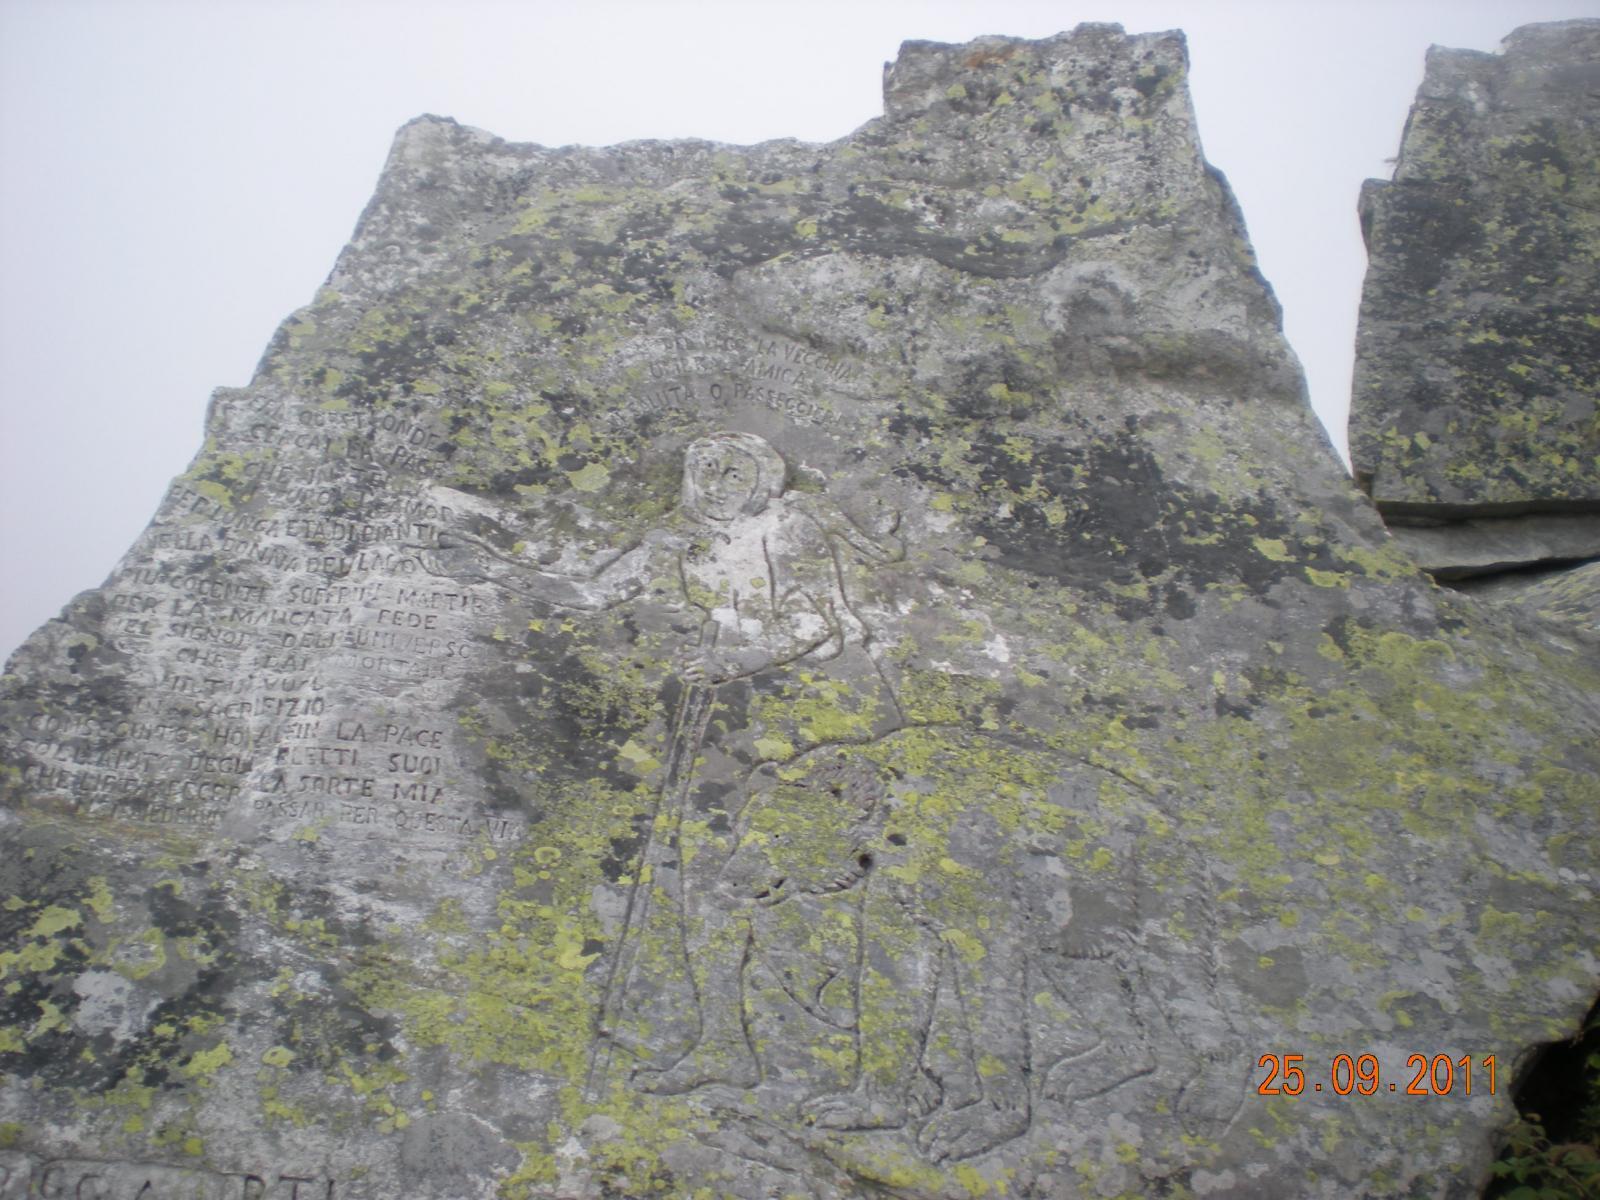 l'incisione rupestre della leggenda della Vecchia e dell'Orso